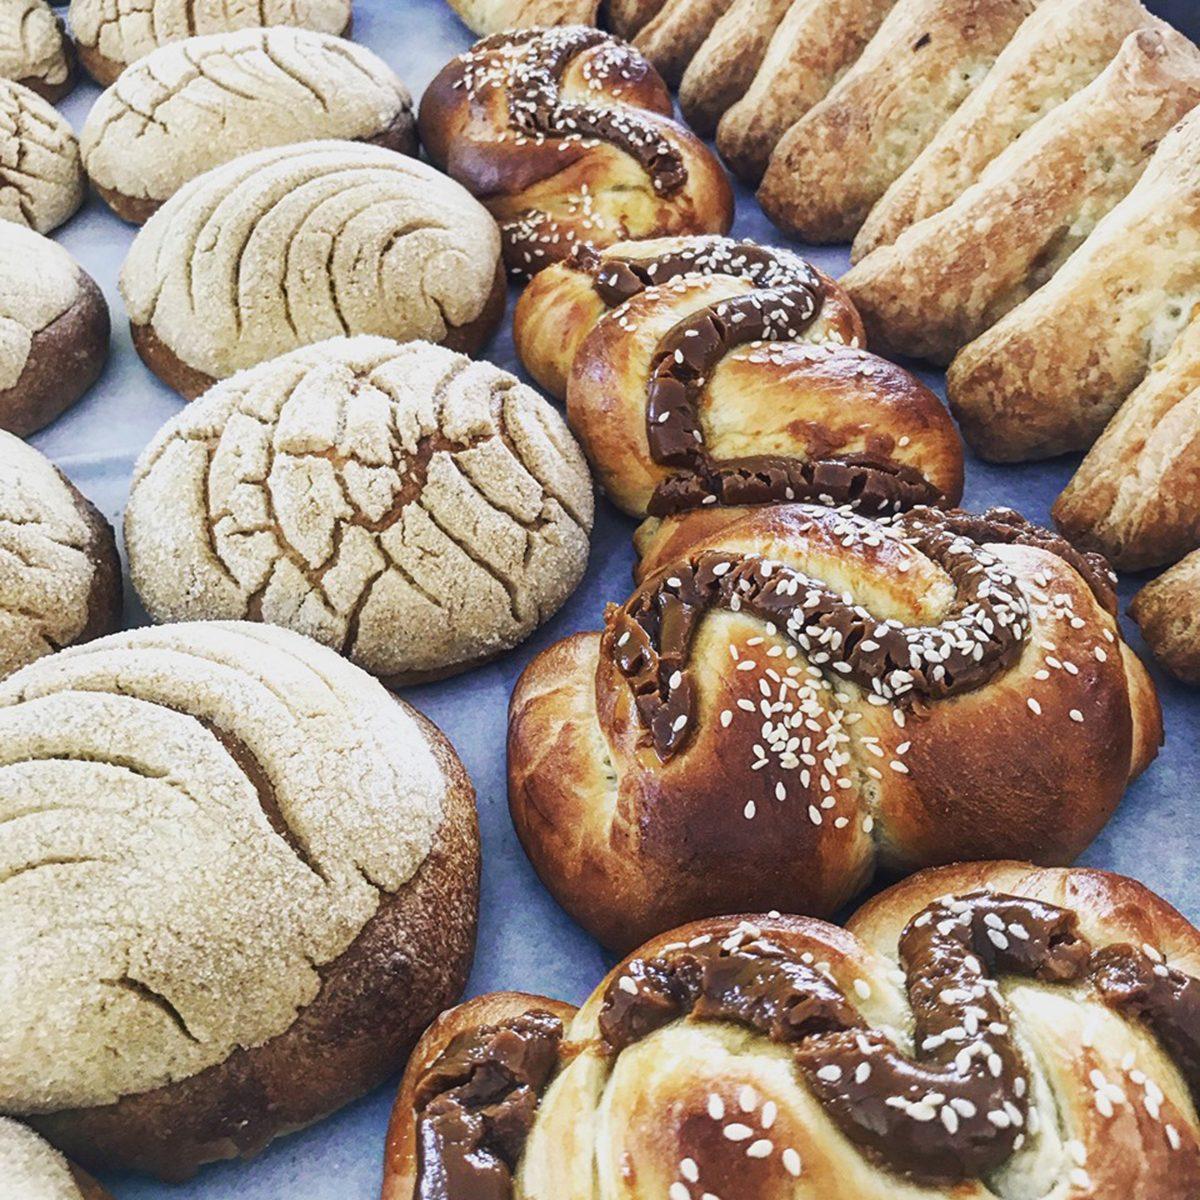 La Calavera Bakery